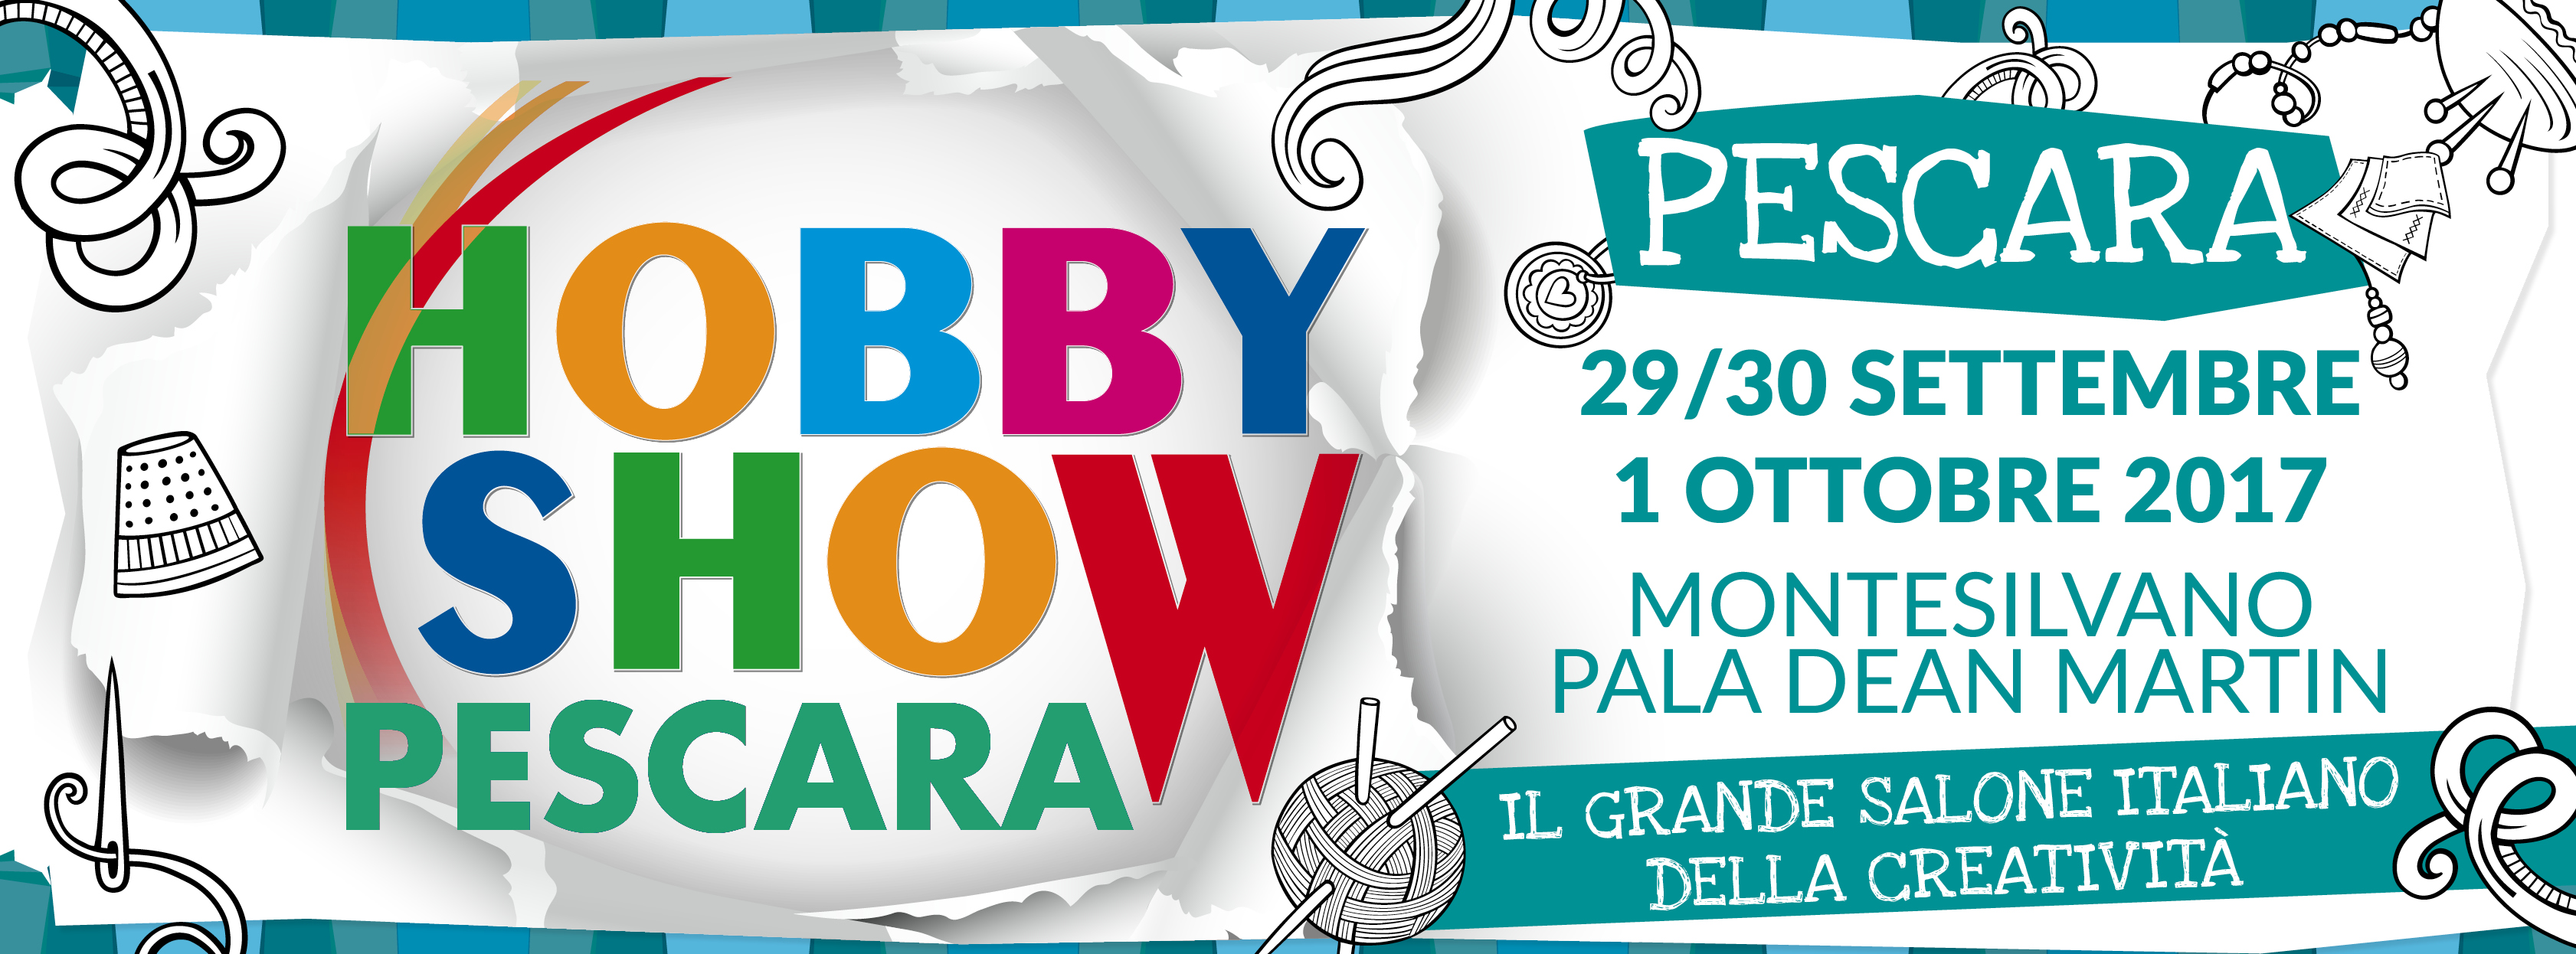 Hobby Show Pescara autunno 2017